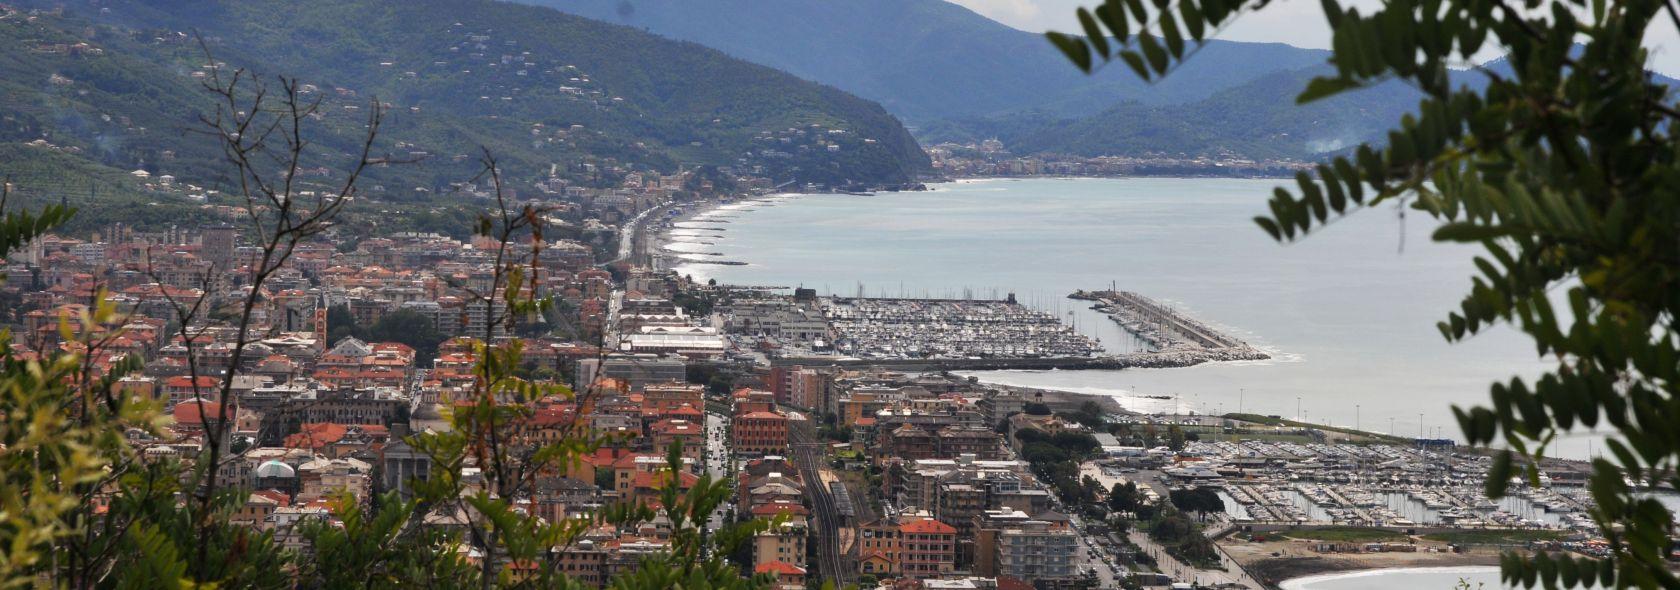 Chiavari e Lavagna  - Foto Ufficio Comunicazione Città Metropolitana di Genova